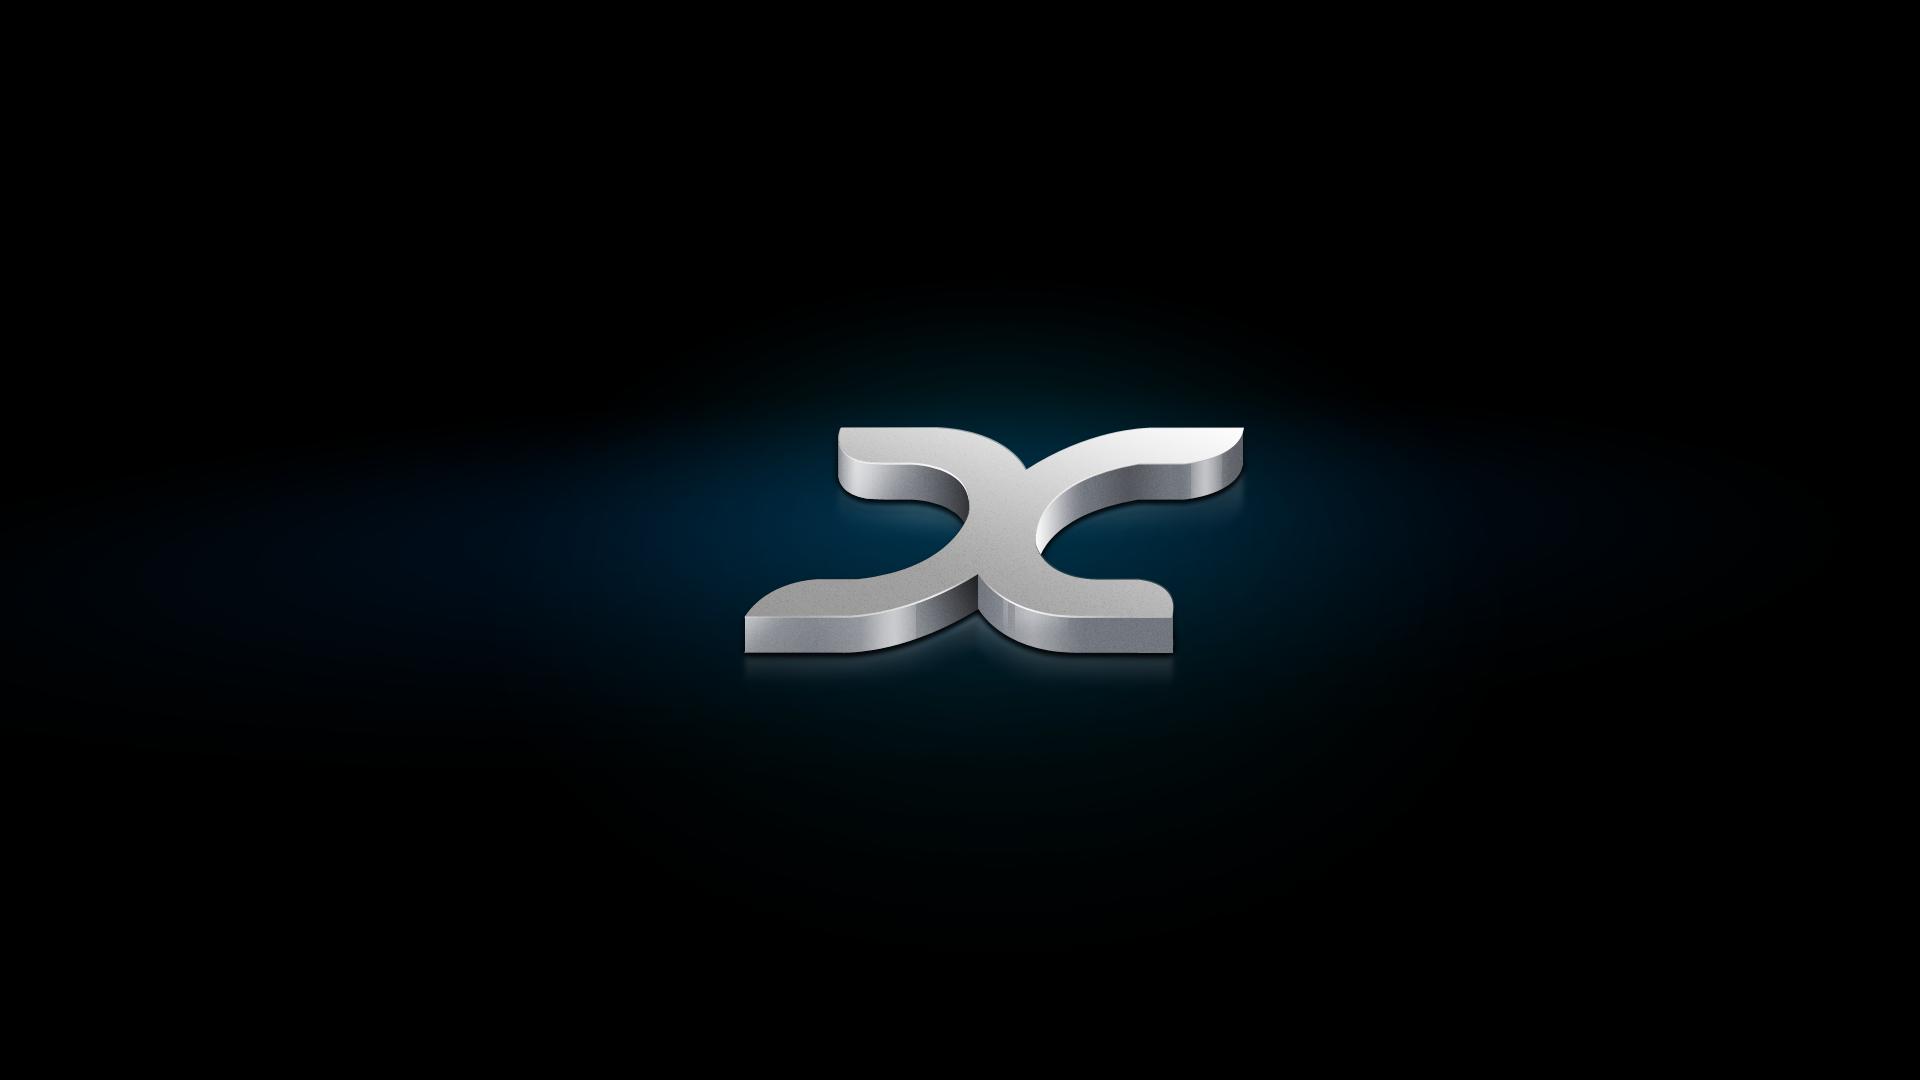 XBMC Gotham by Arcanthur 1920x1080